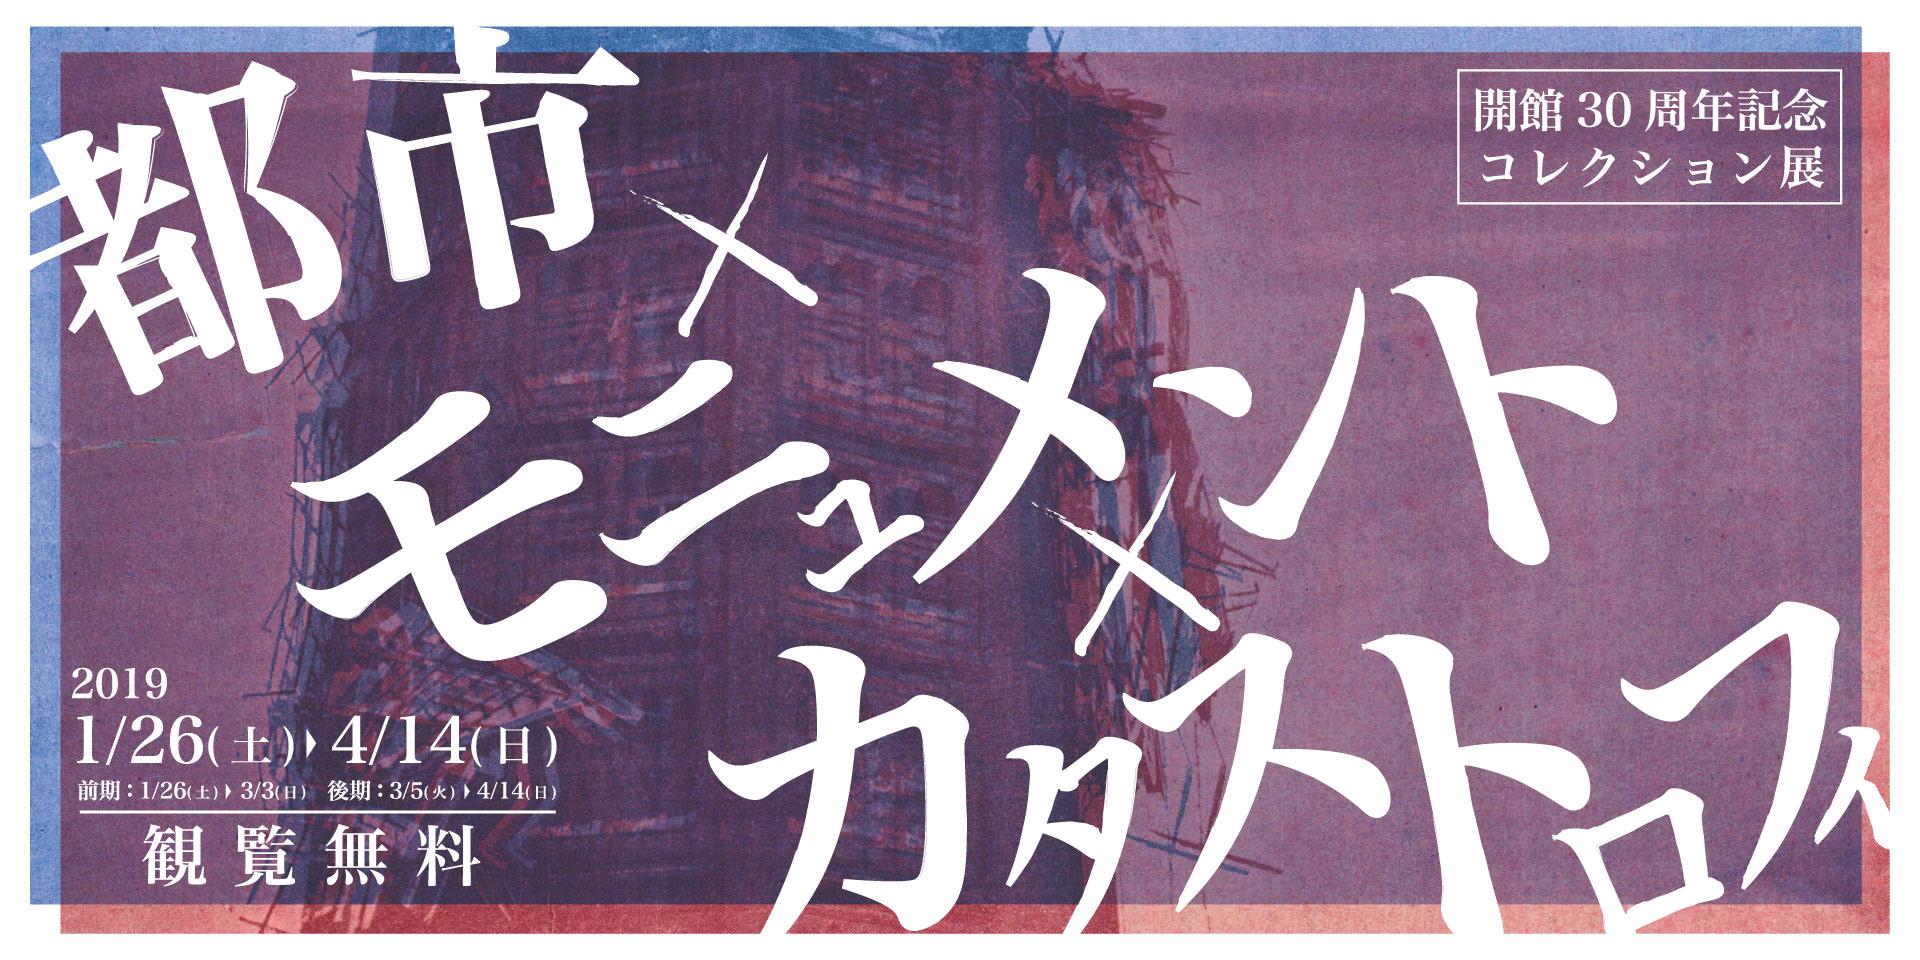 都市と人間」コレクション展 都市×モニュメント×カタストロフィ | 川崎 ...